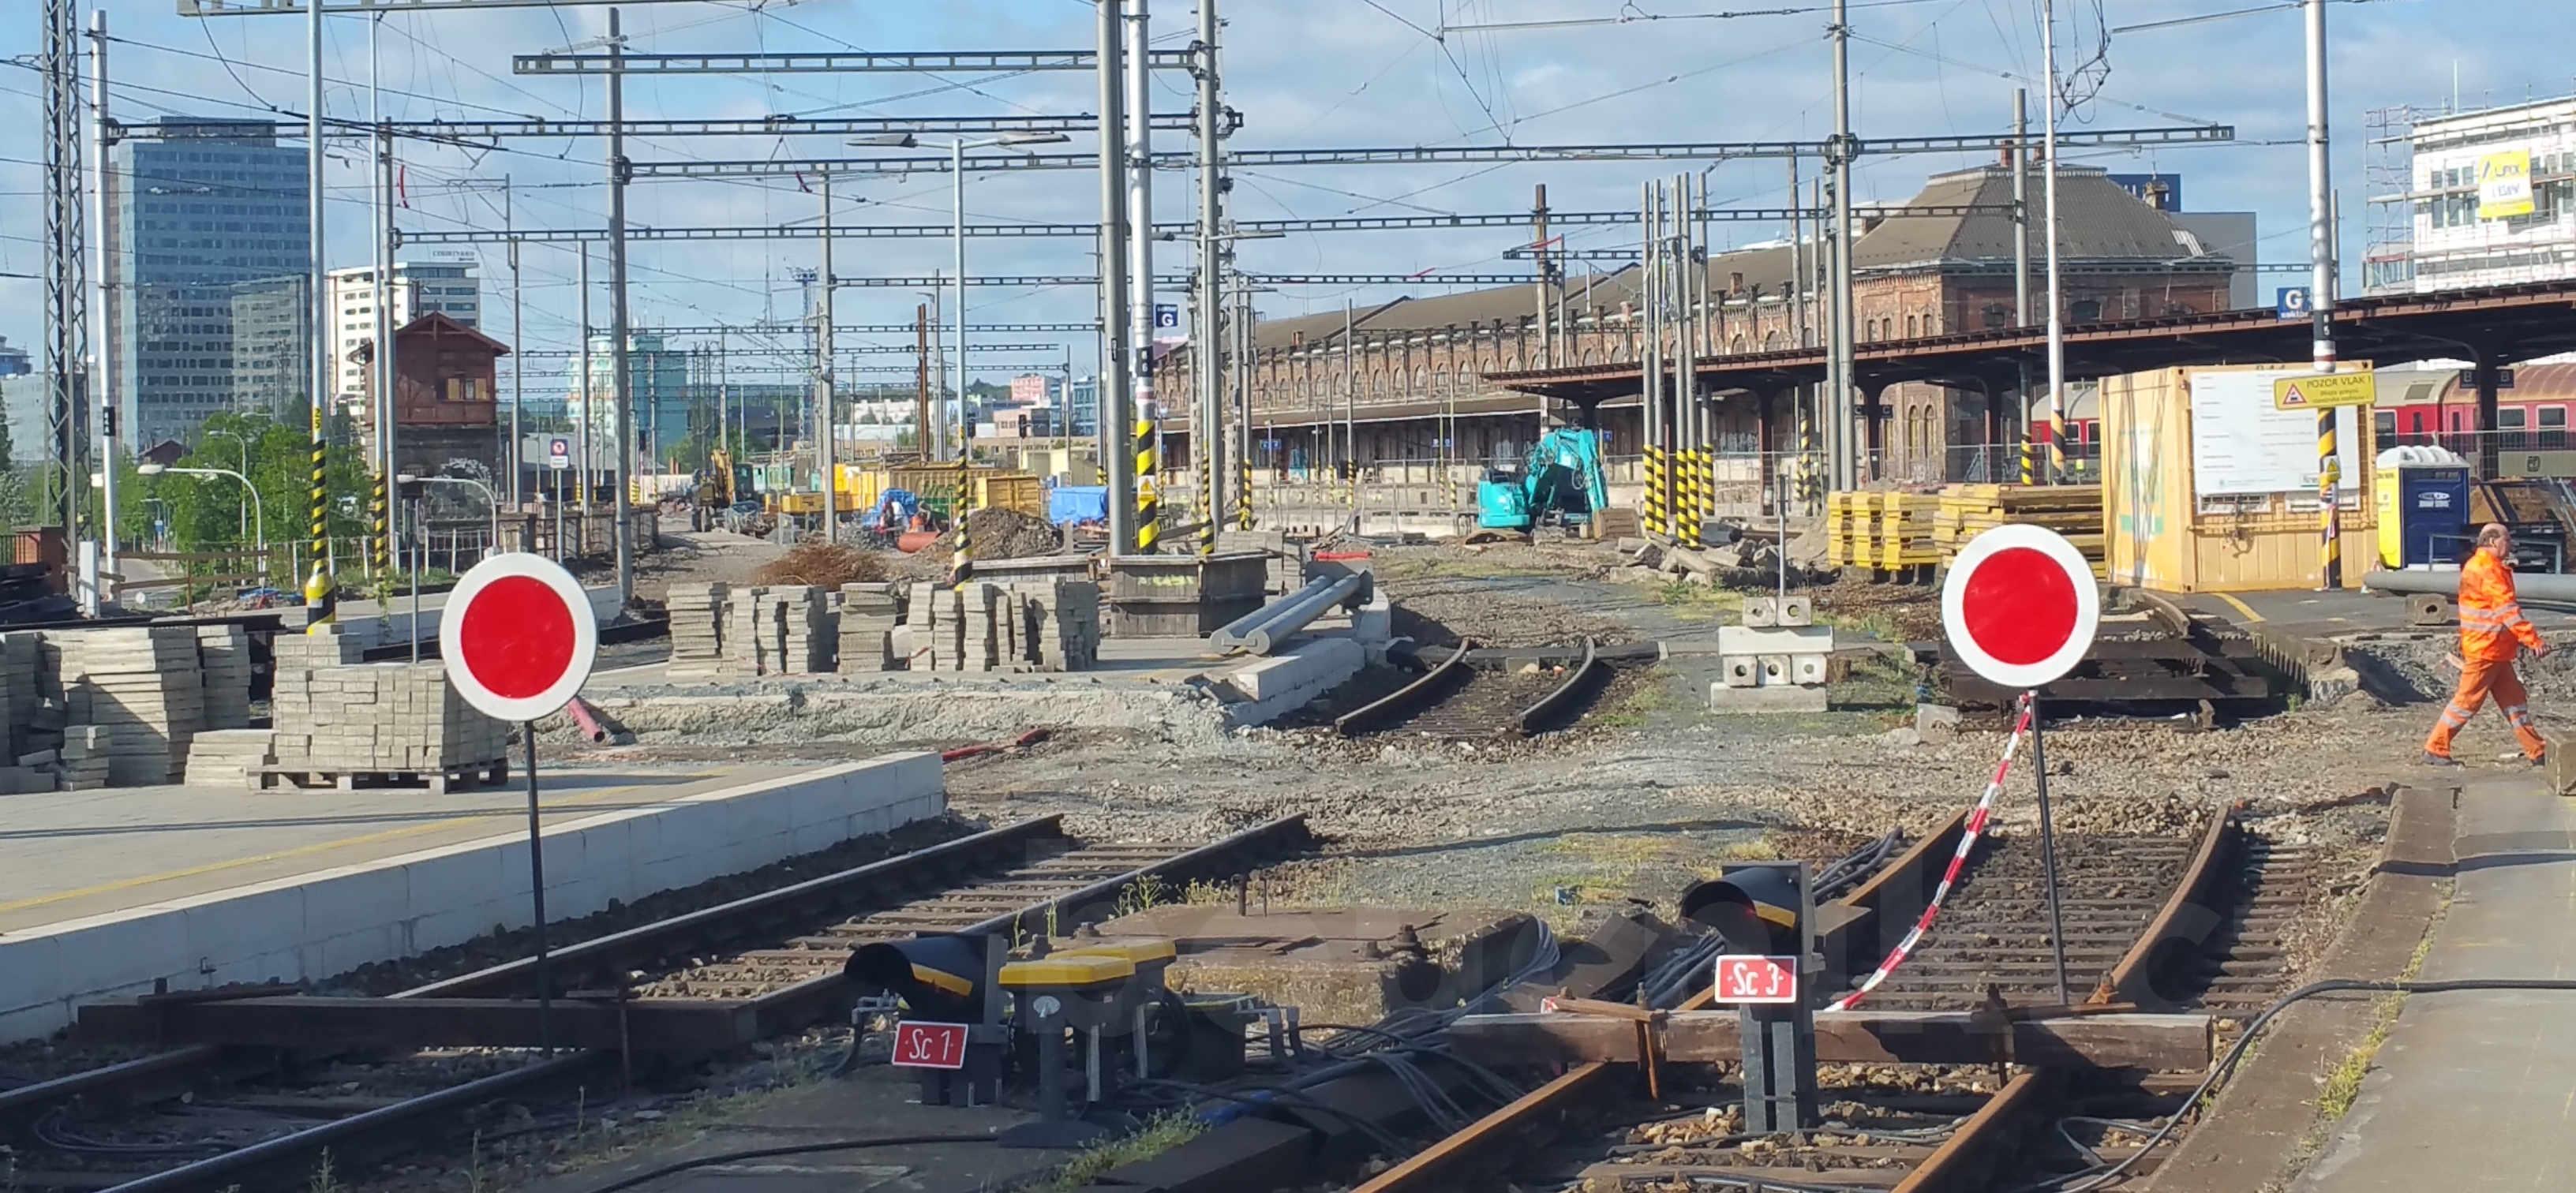 Brněnské horní nádraží, 2019